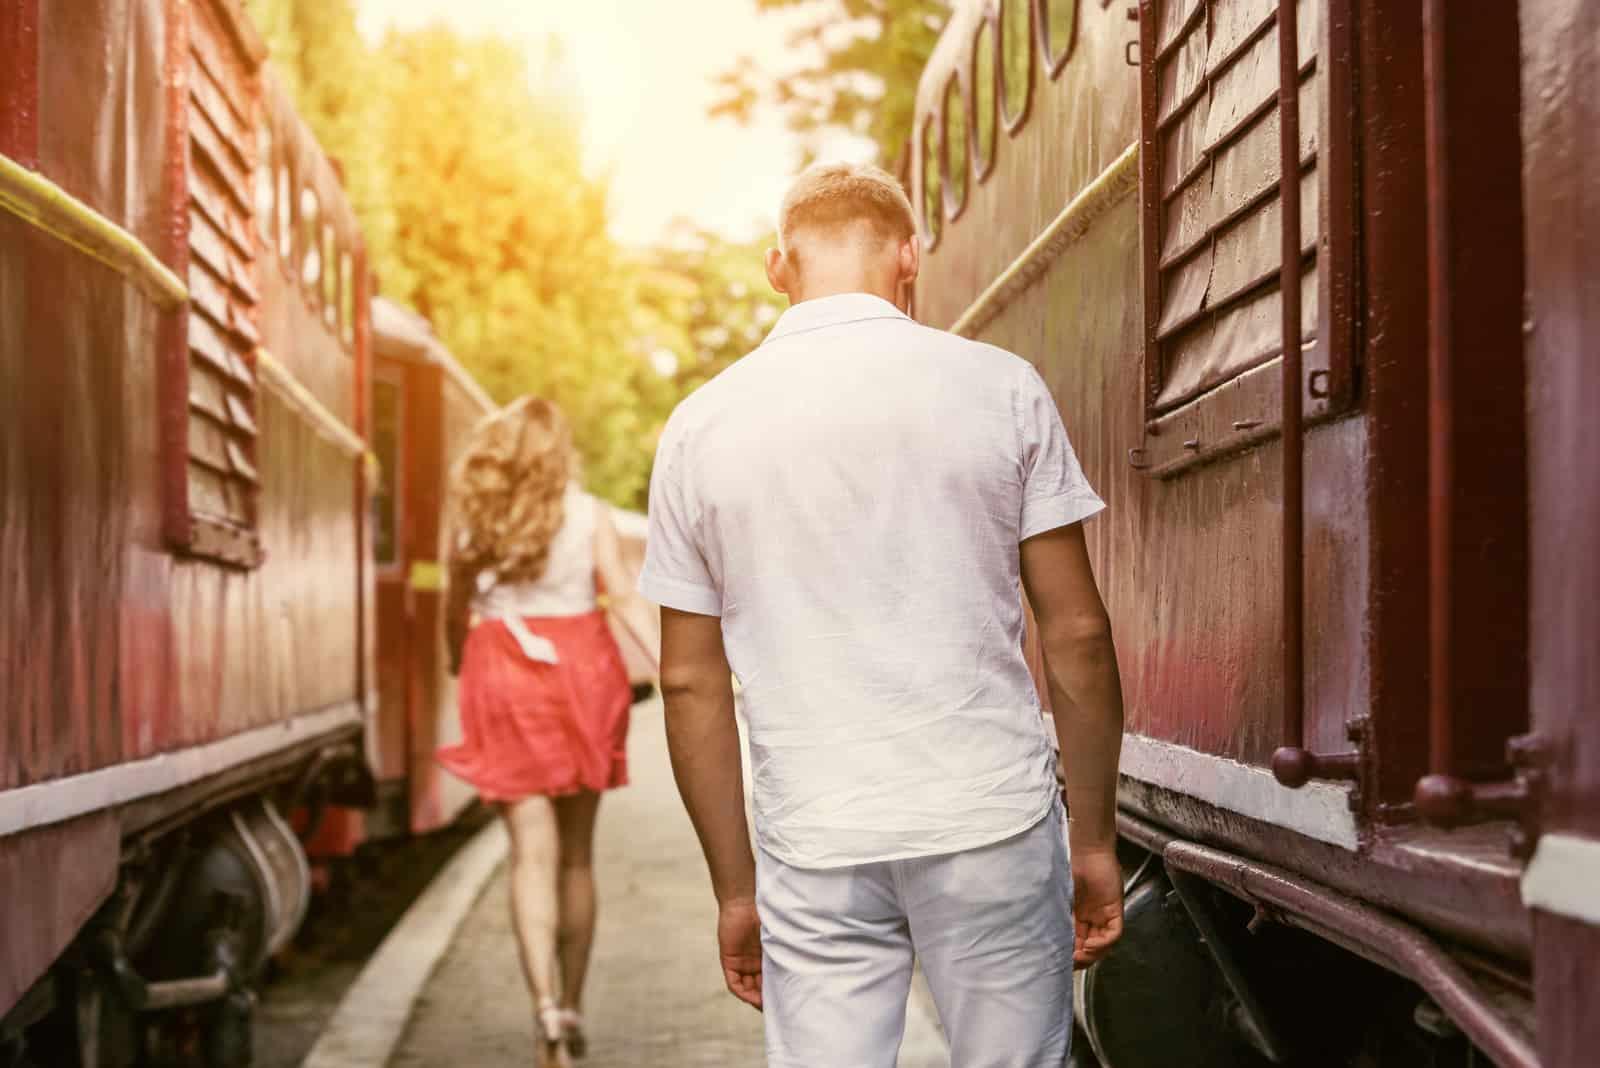 Eine attraktive Blondine in einem rosa Rock hinterlässt einen Mann